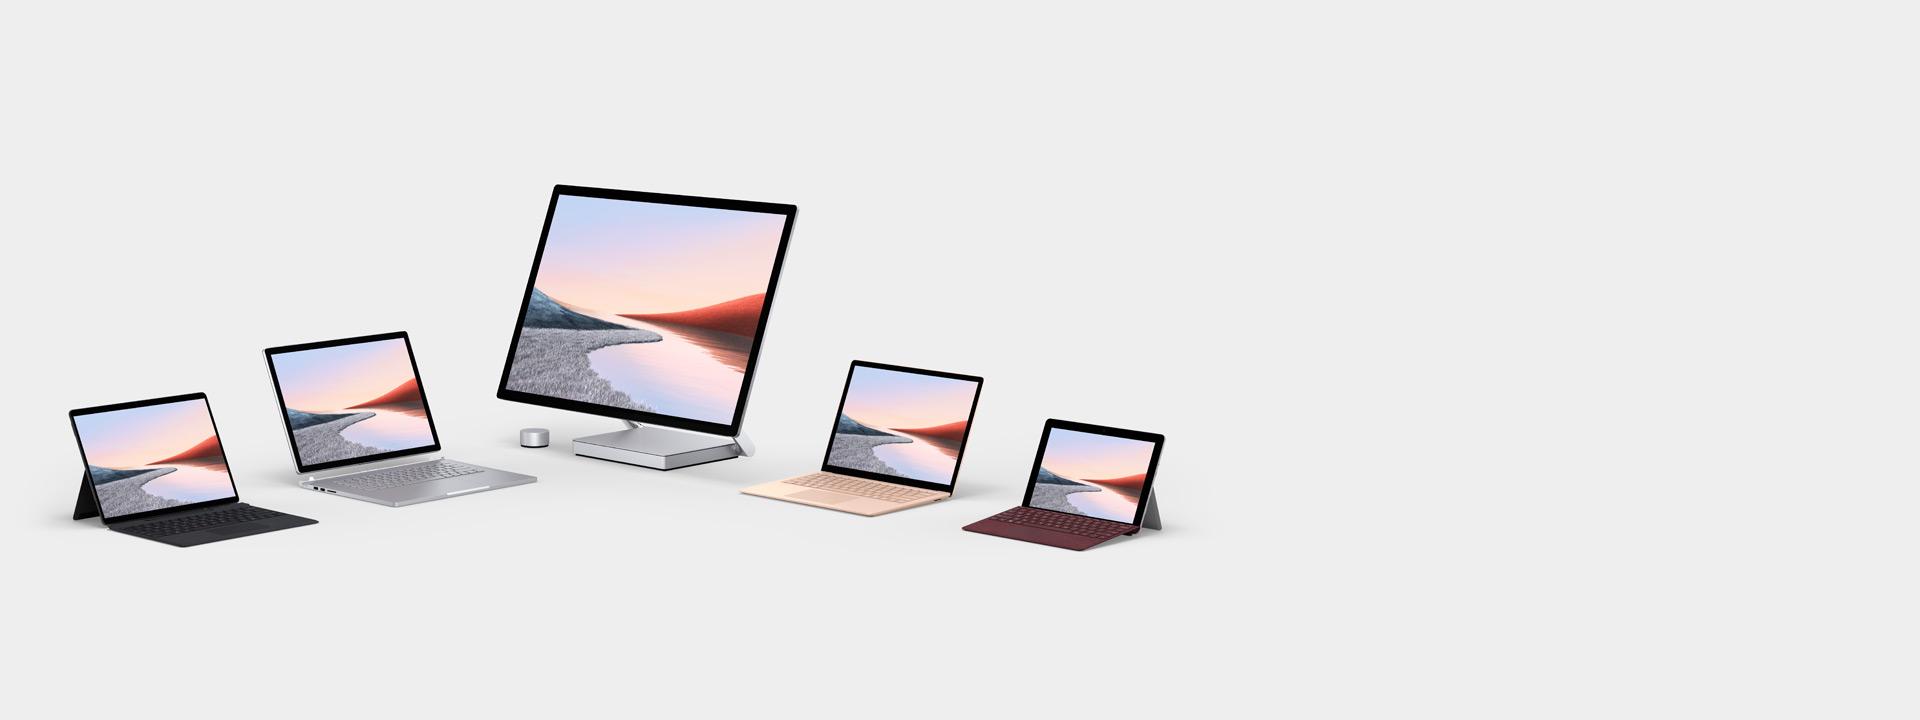 Anzeige mehrerer Surface-Computer